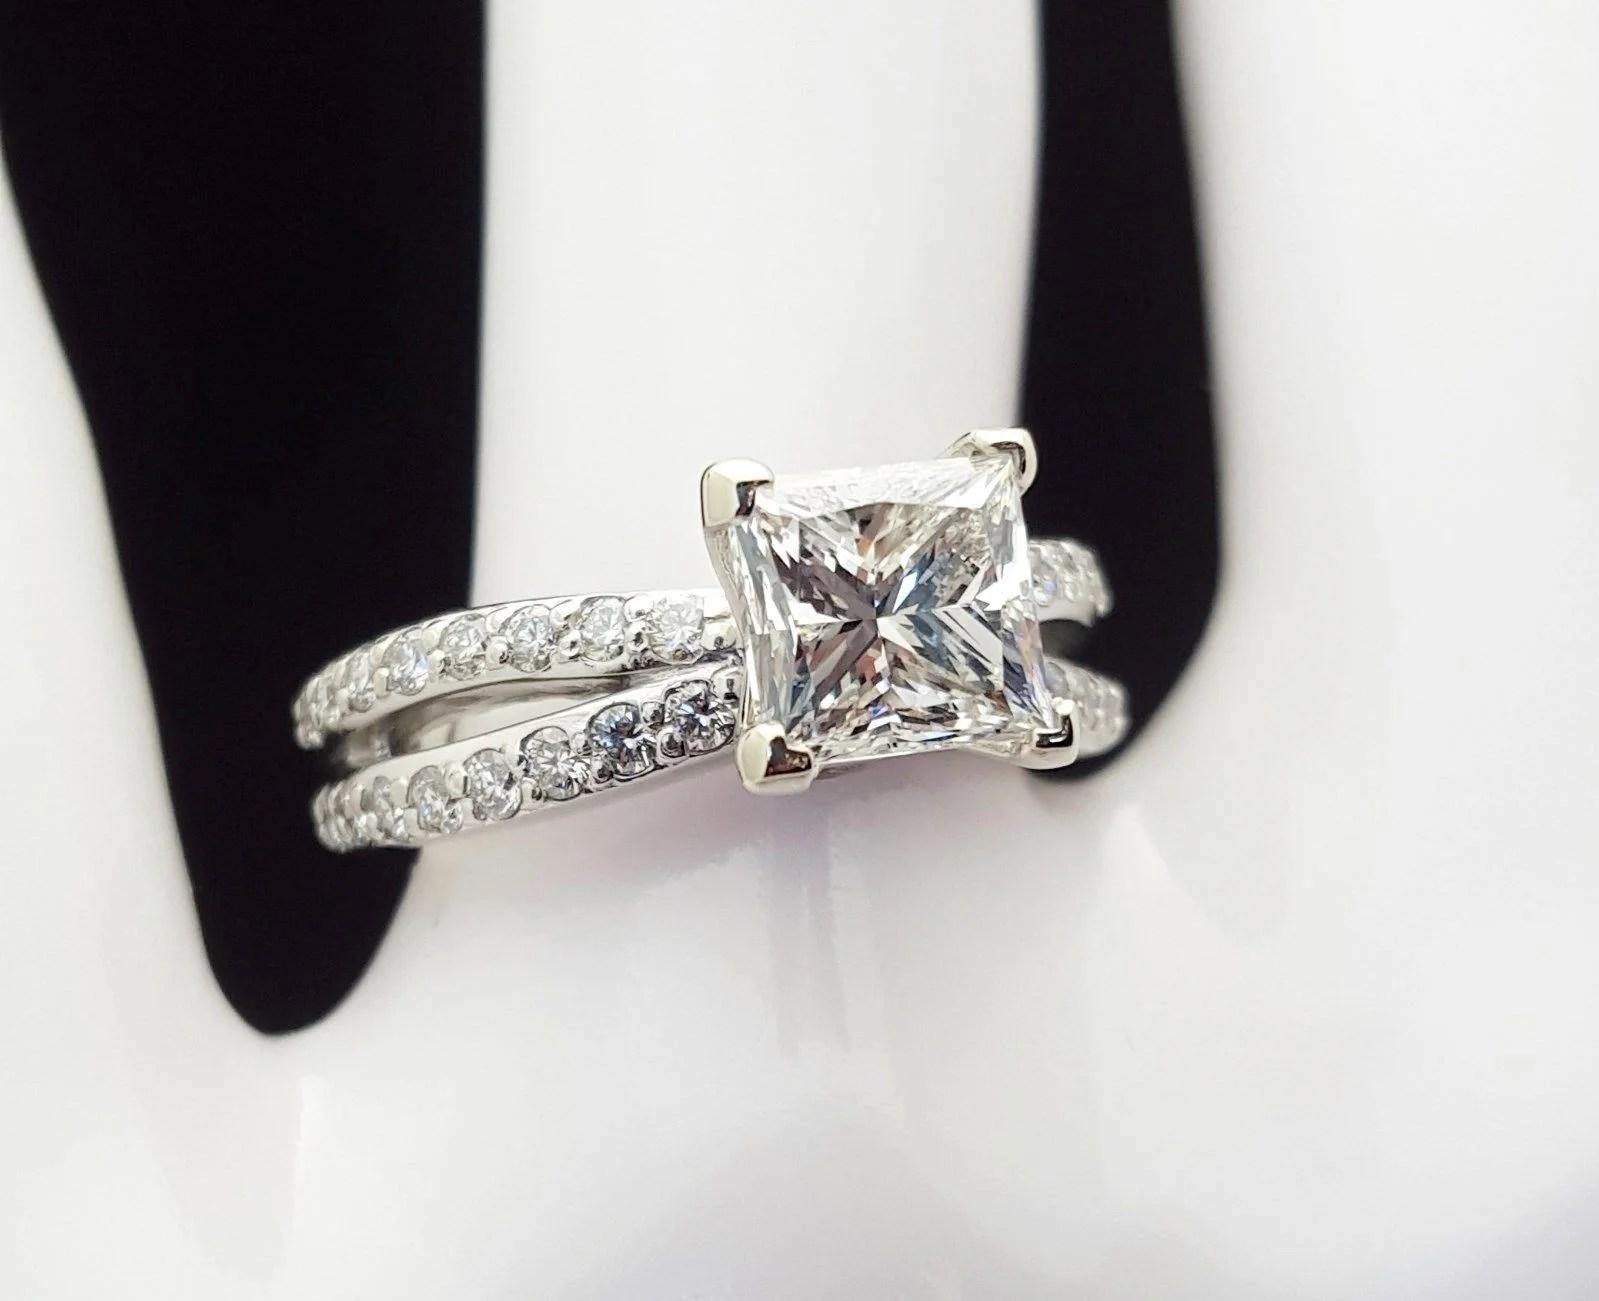 2 Carat Princess Cut Diamond